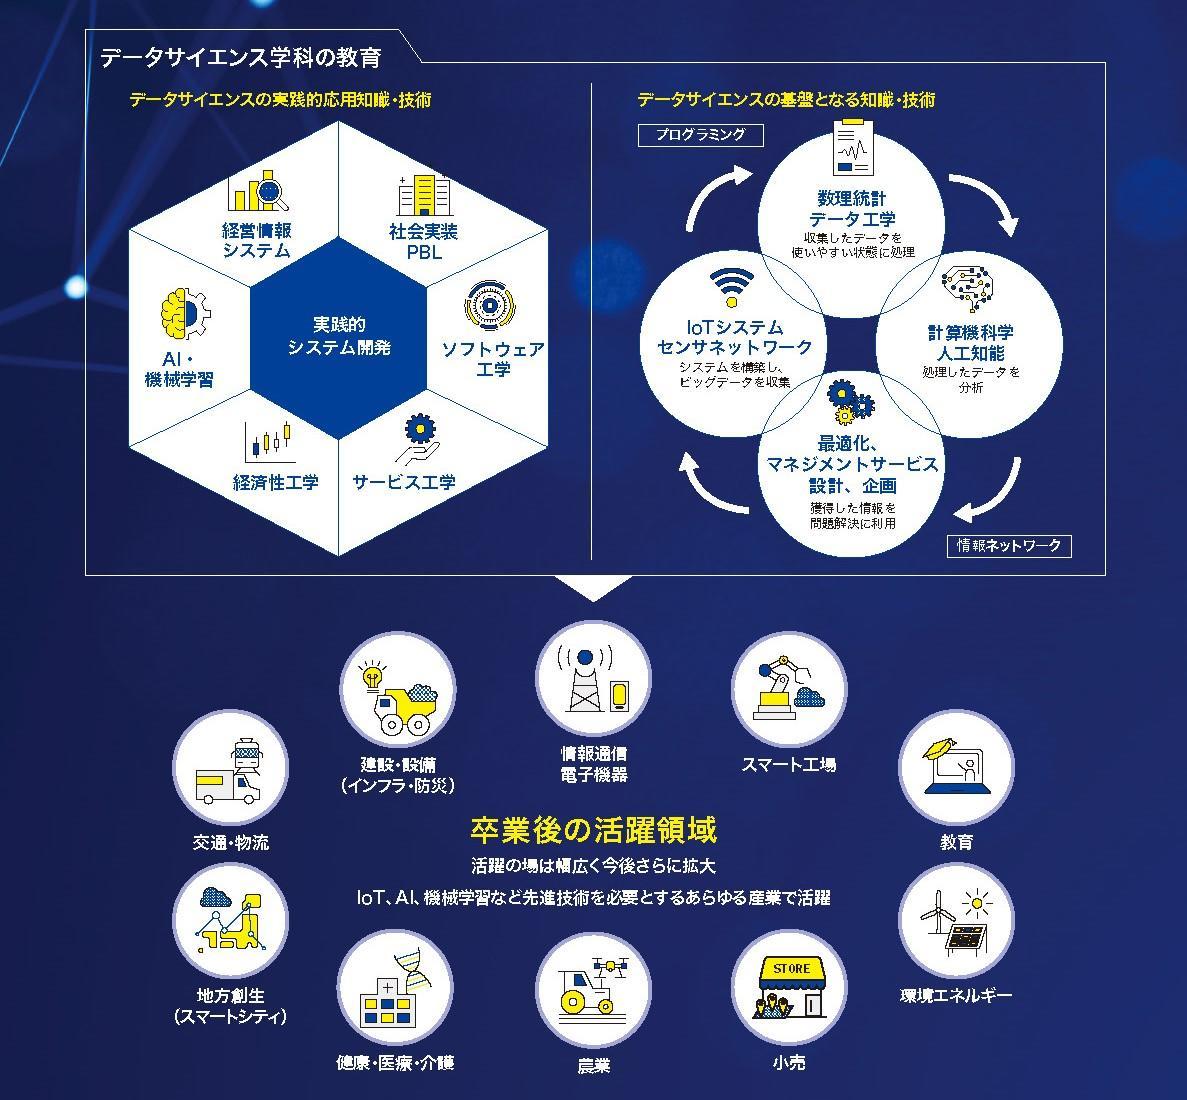 日本工業大学「データサイエンス学科」2022年4月開設 -- 学科紹介アニメーション「未来に置いていかれるなよ。」を公開